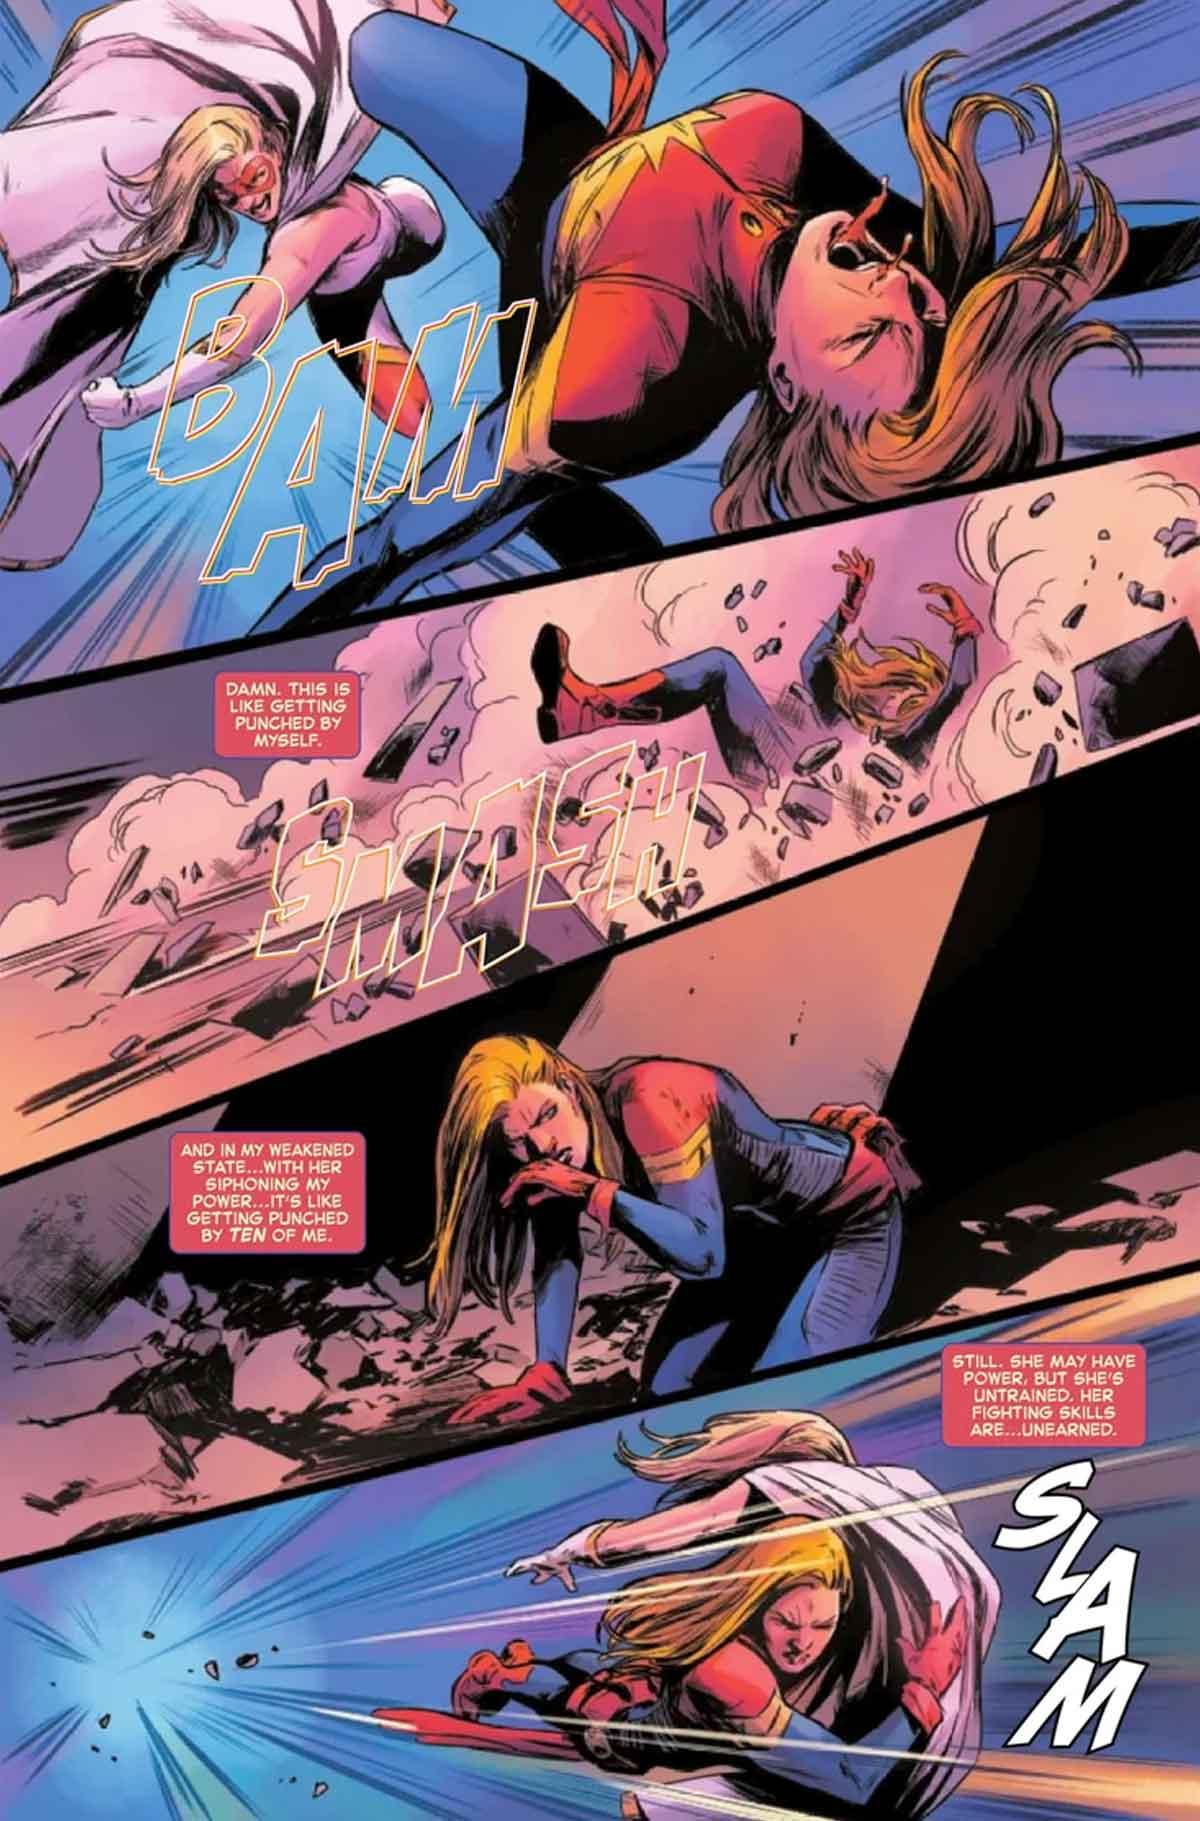 Capitana Marvel encuentra una adversaria más joven y fuerte que ella